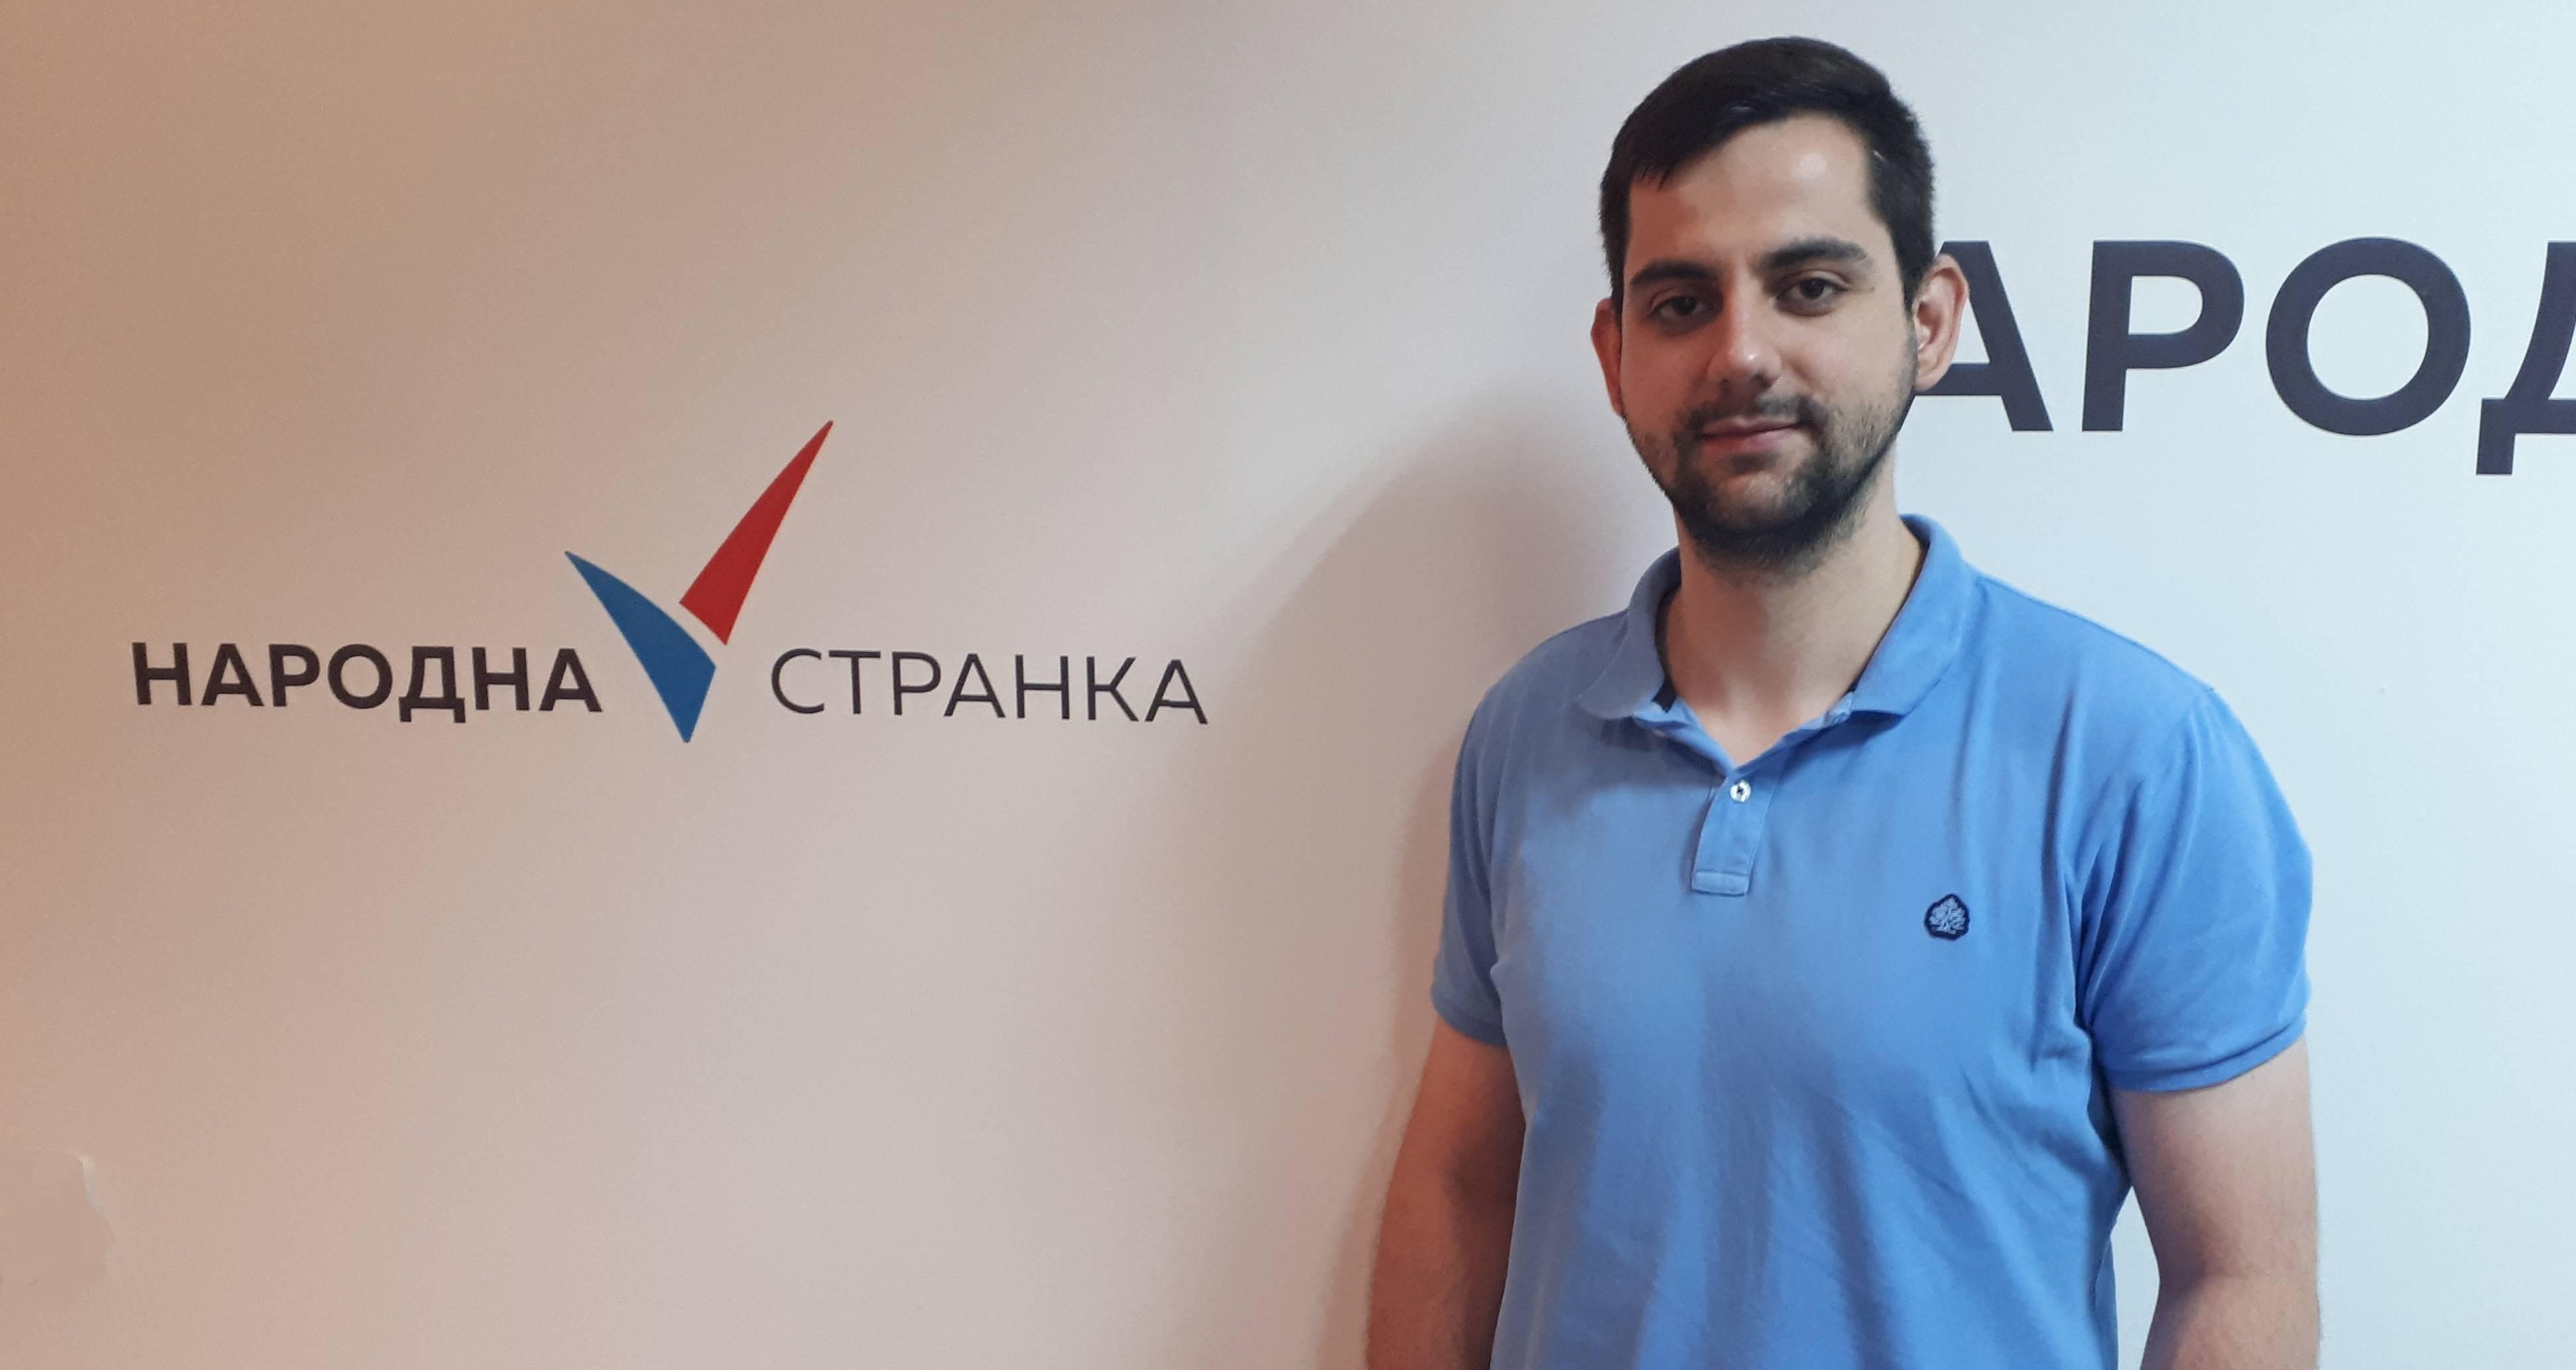 Иван Гајић изабран за председника Омладине Народне странке